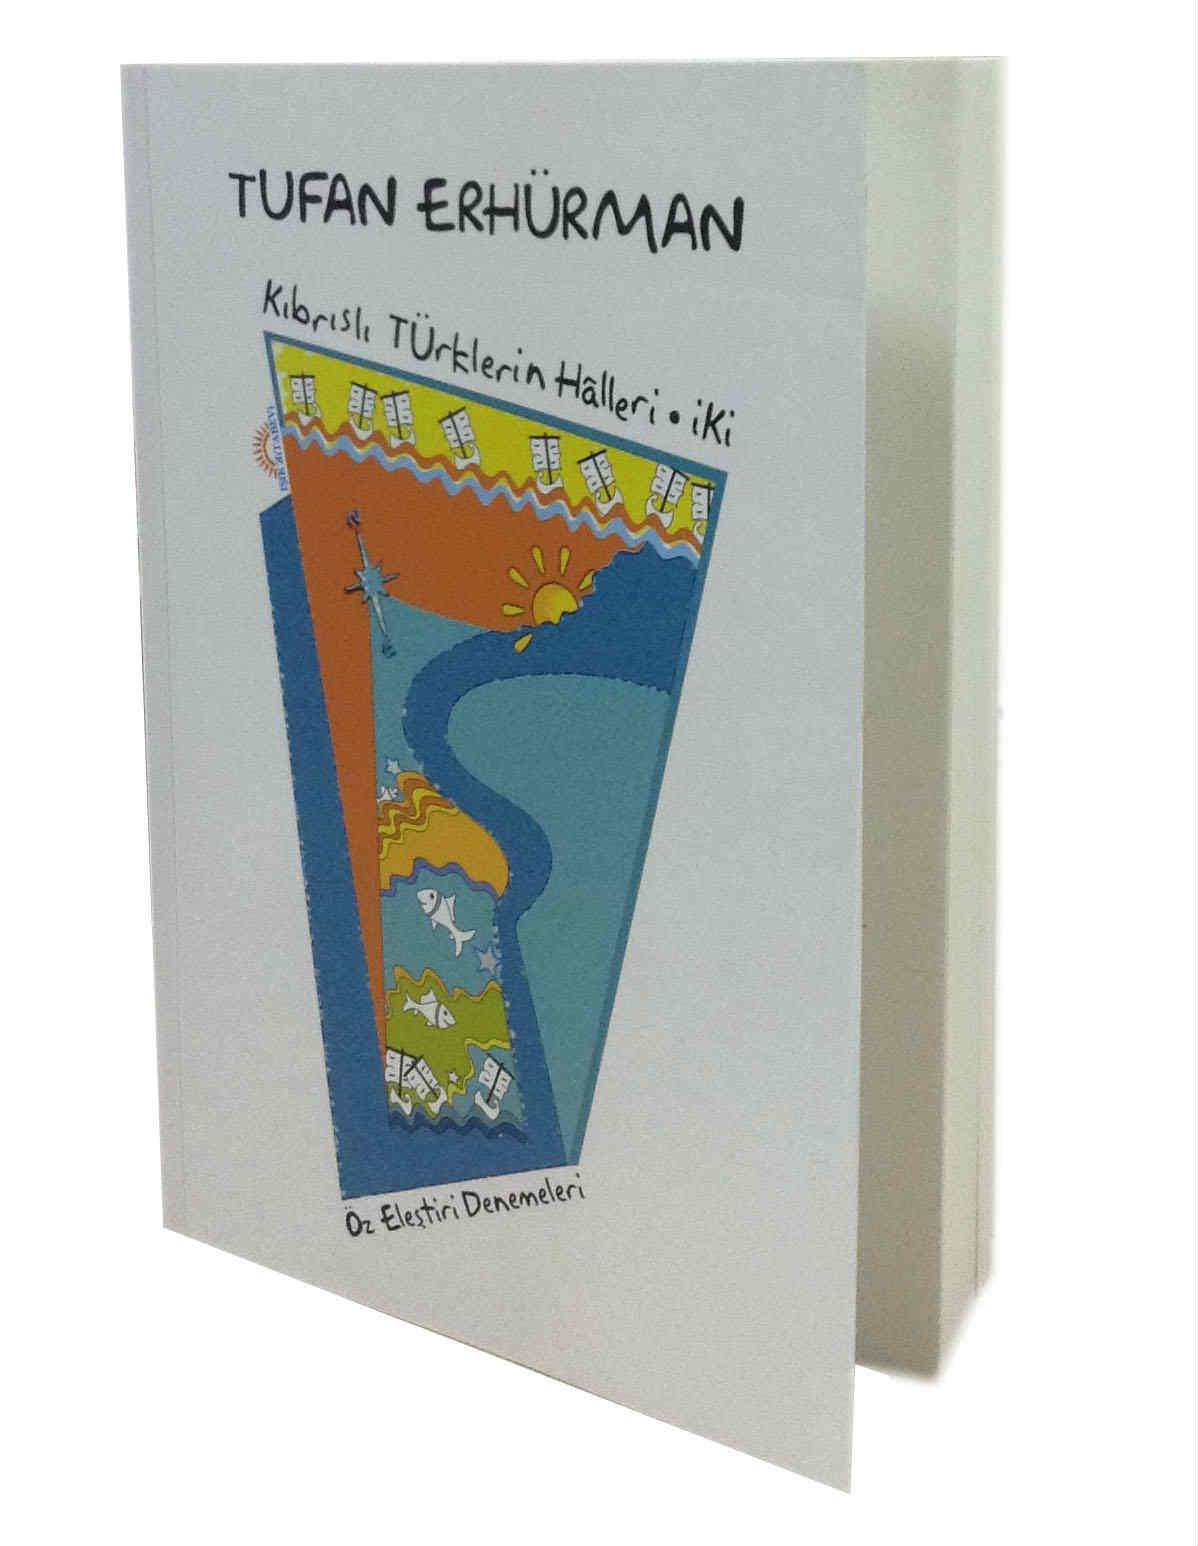 CTP MİLLETVEKİLİNİN KALEMİNDEN KIBRISLI TÜRKLERİN HALLERİ...